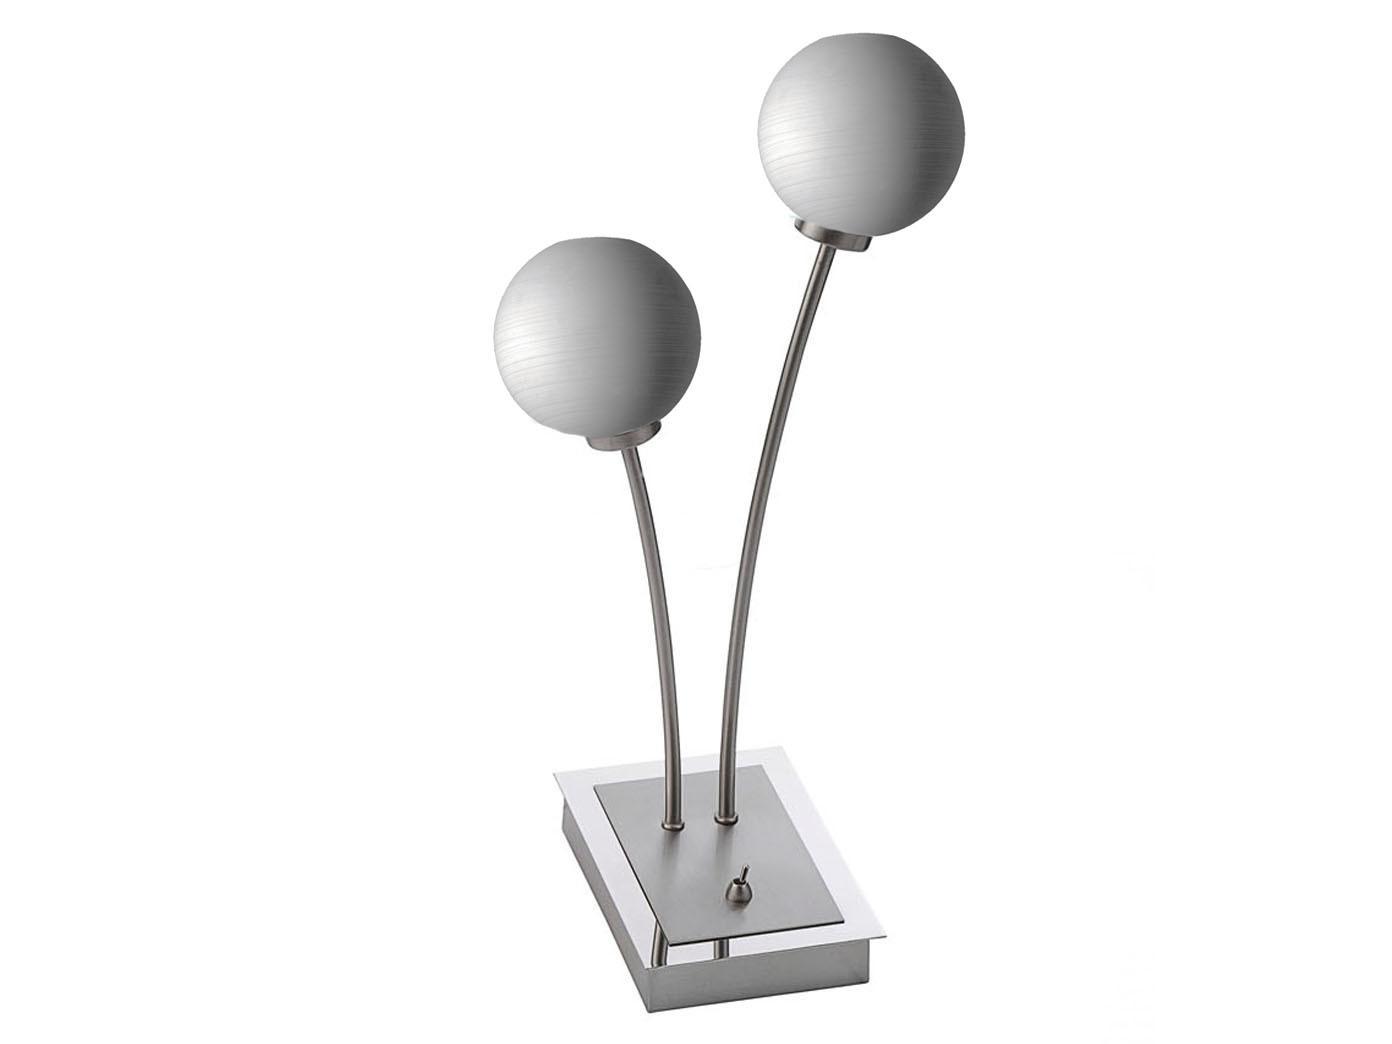 2 flammige led tischleuchte design modern mit glaskugeln. Black Bedroom Furniture Sets. Home Design Ideas